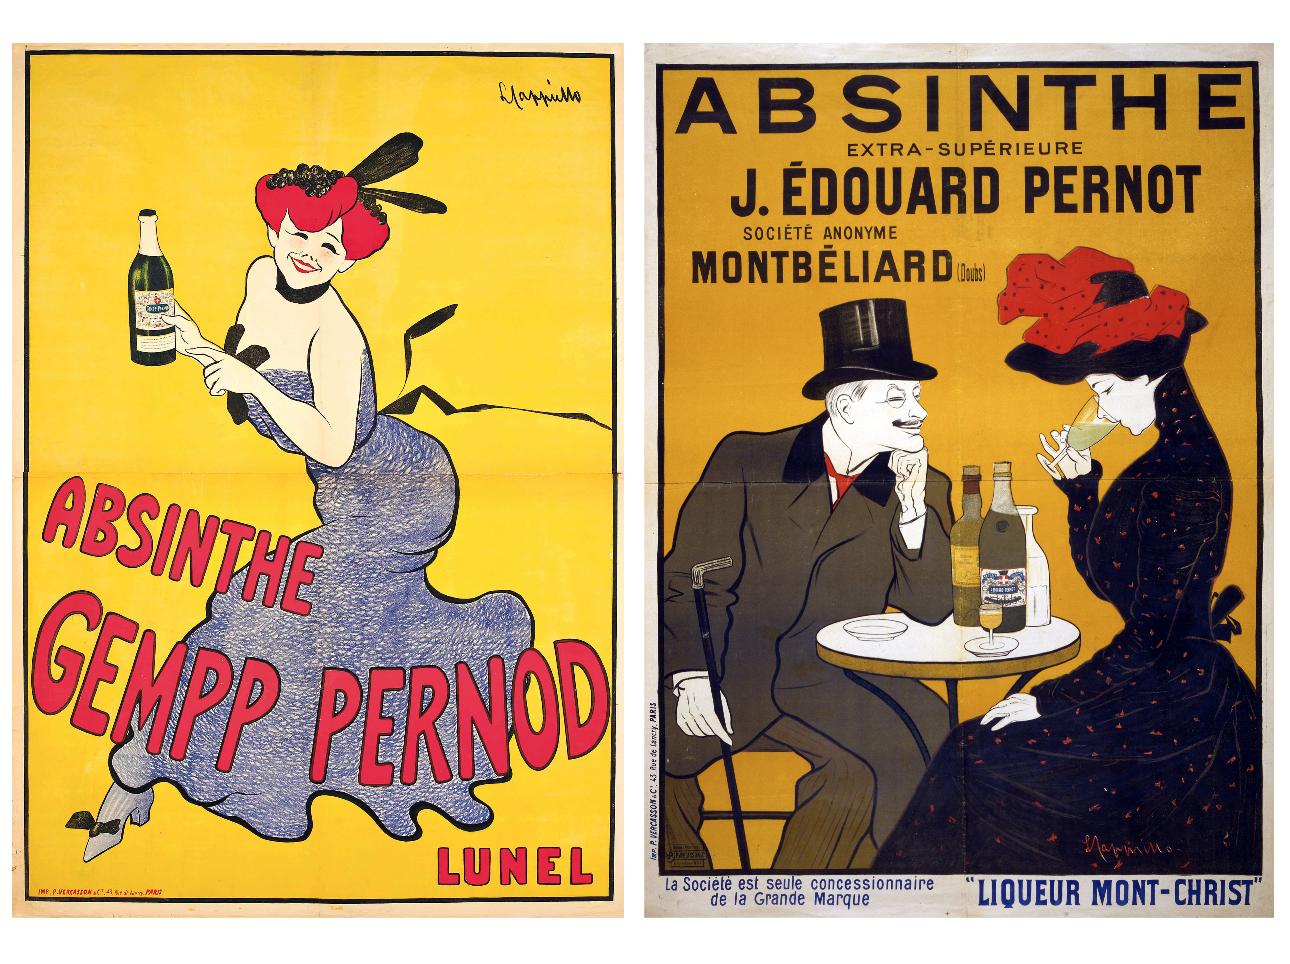 Absinthe ads Getty 8/7/19